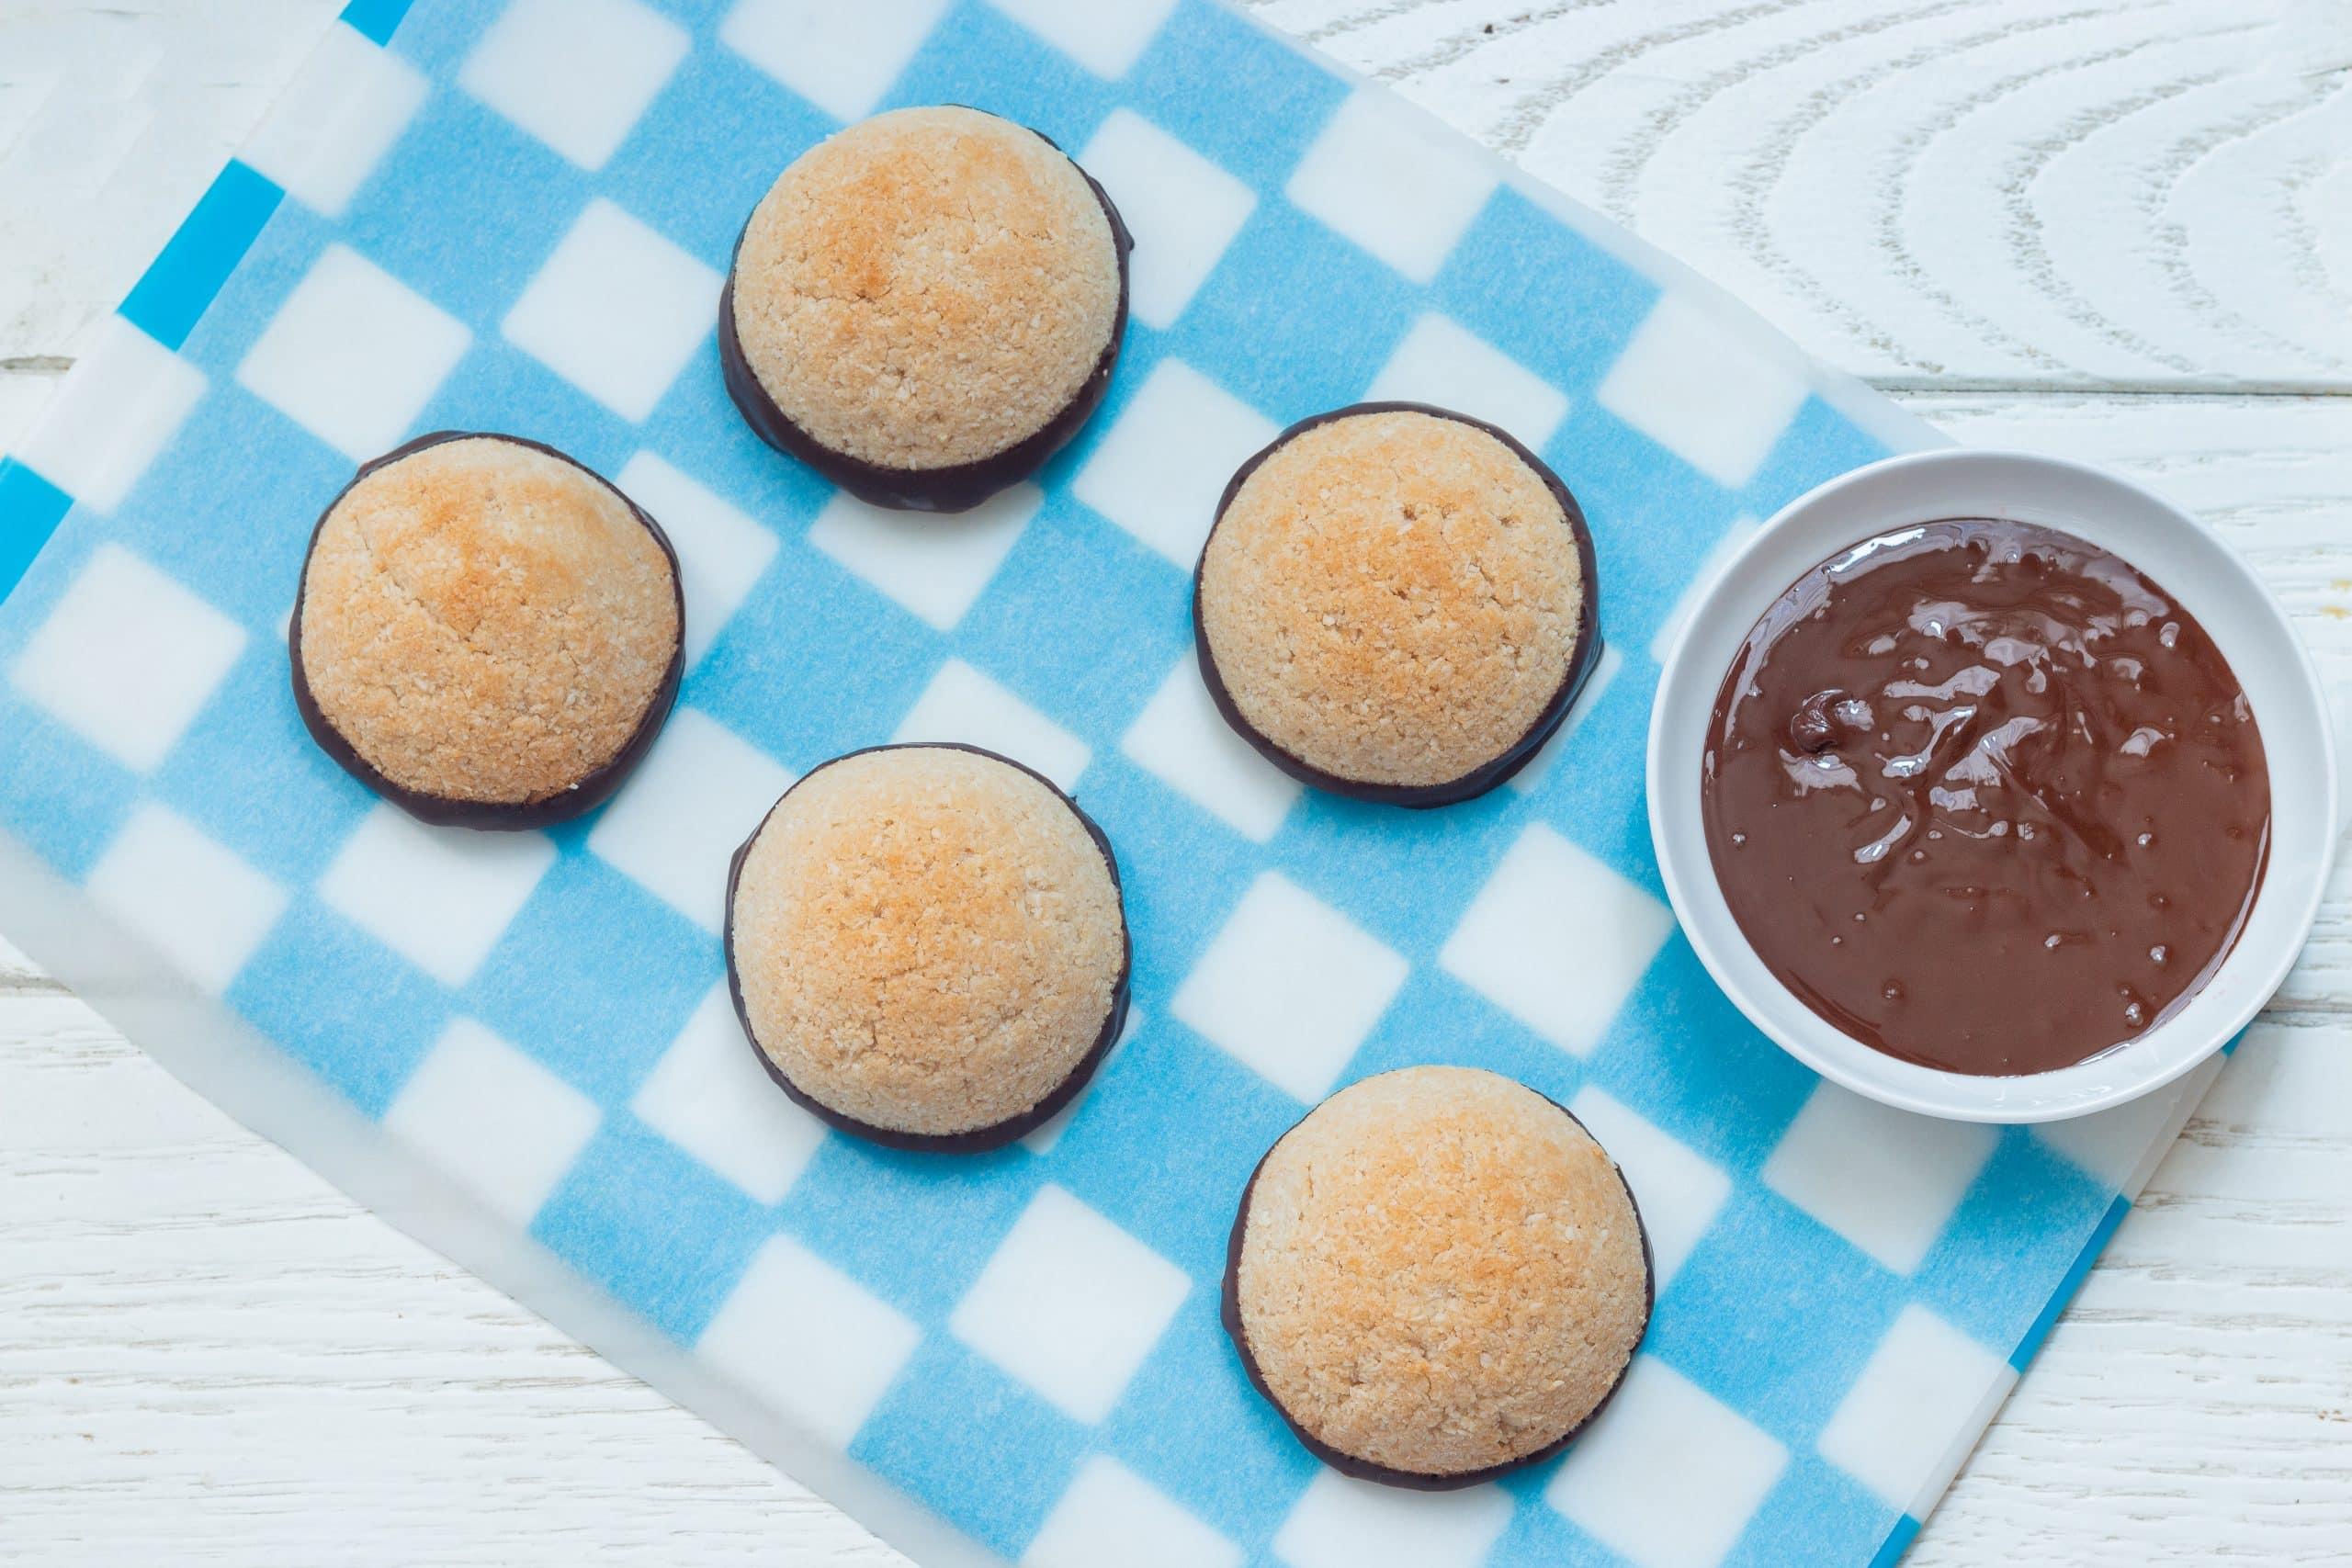 עוגיות קוקוס טבעוניות ללא גלוטן (כשרות לפסח)